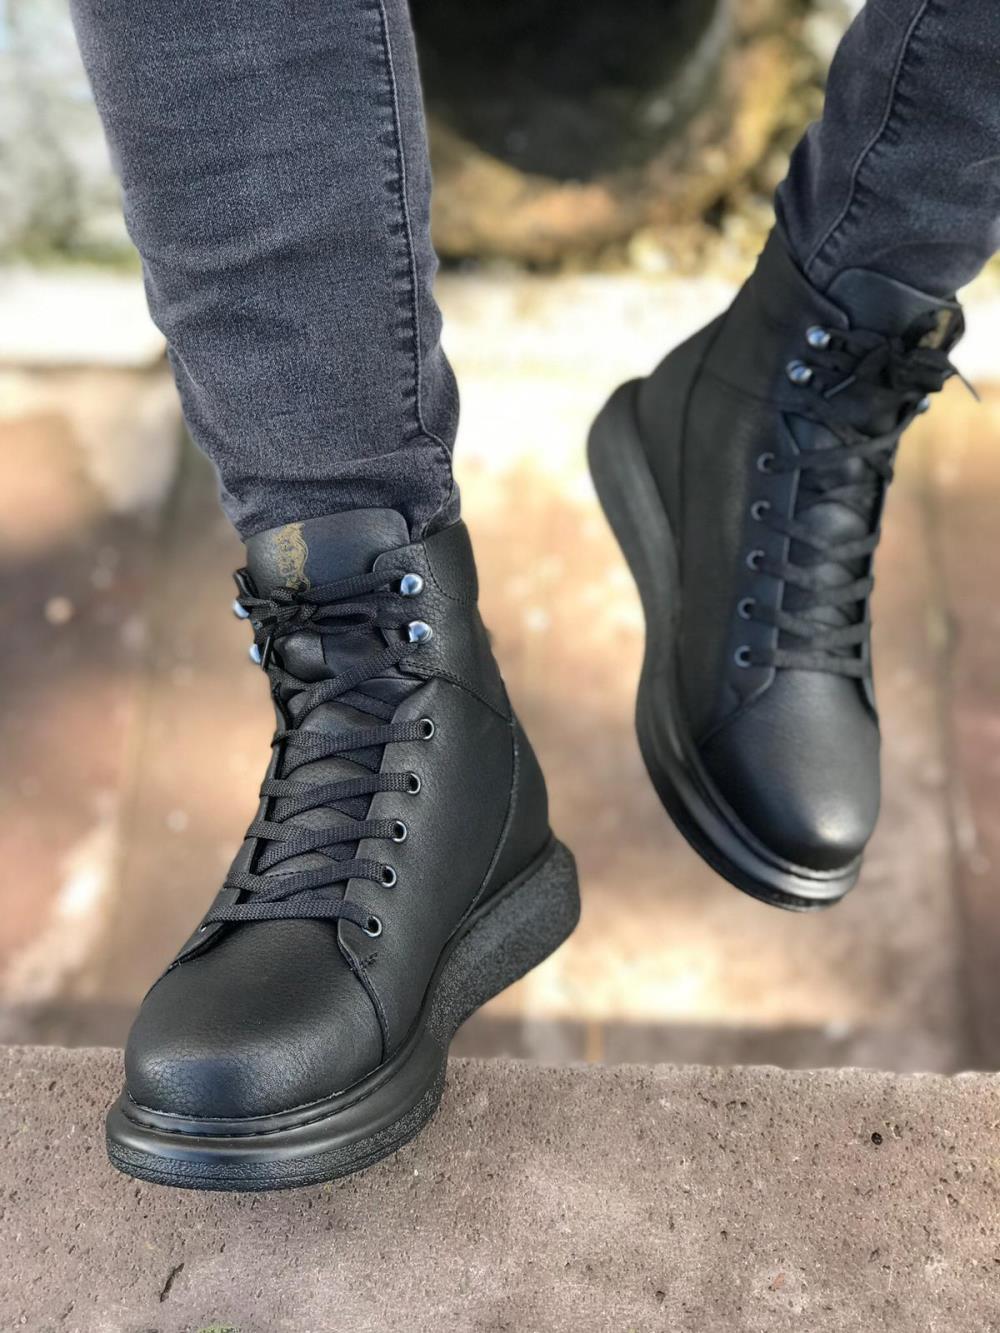 Knack Yüksek Taban Ayakkabı B-080 Siyah (Siyah Taban) m232